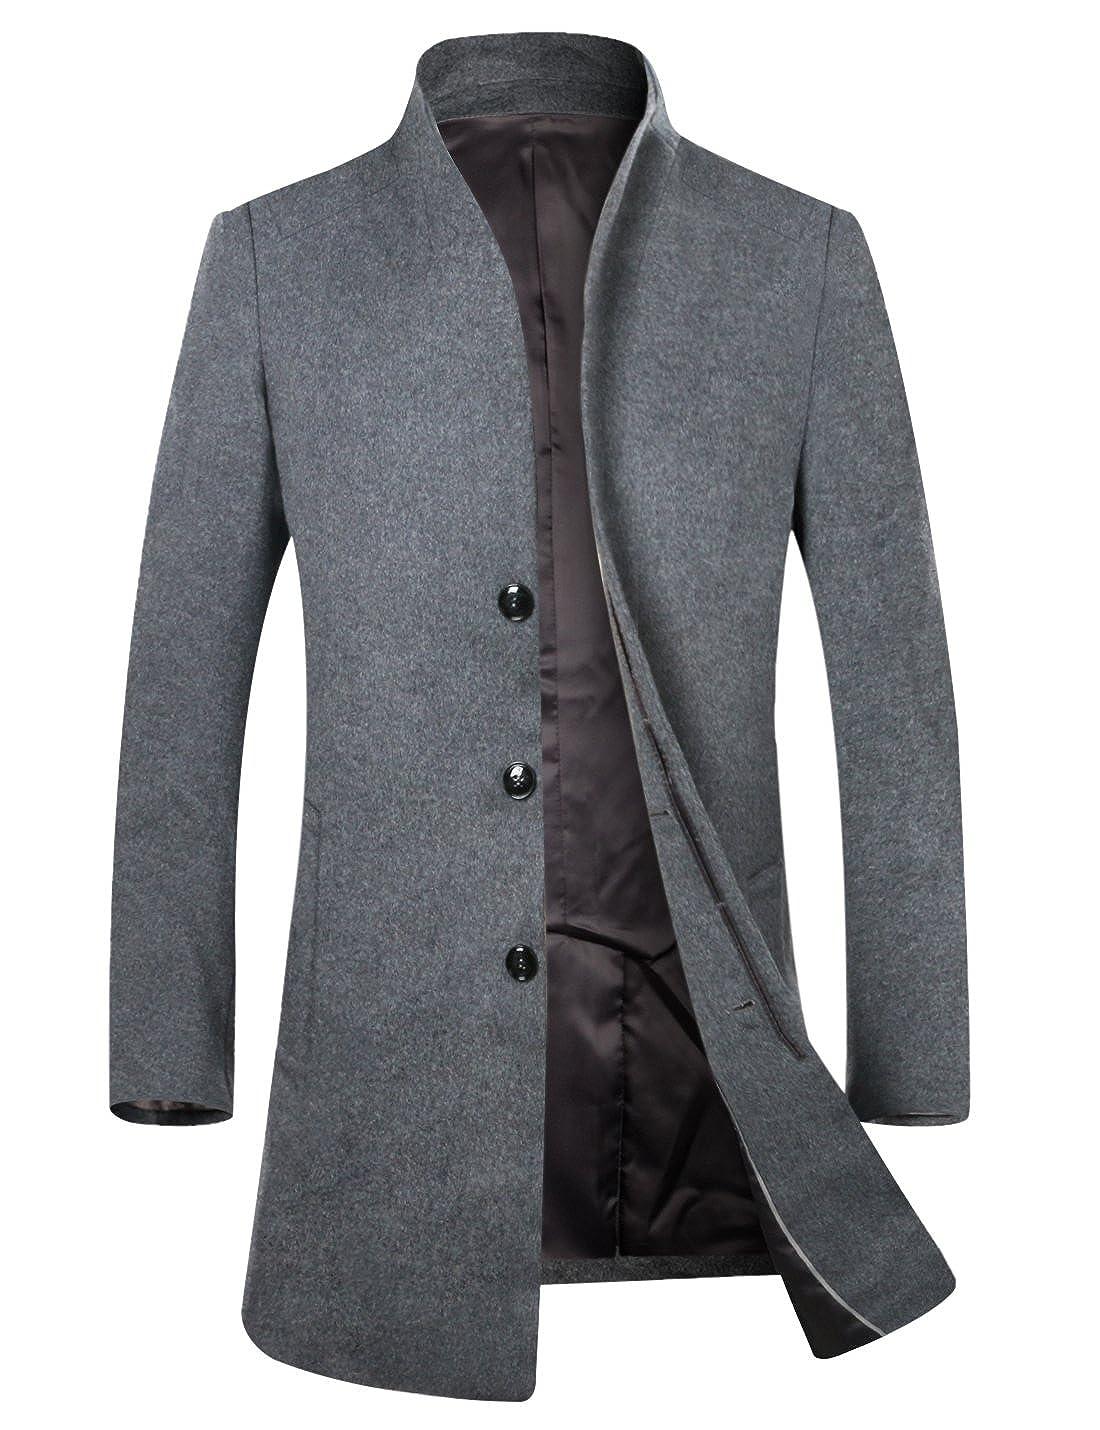 TALLA Large . APTRO - Abrigo largo elegante para hombres con talle ajustado y diseño frontal francés, lana